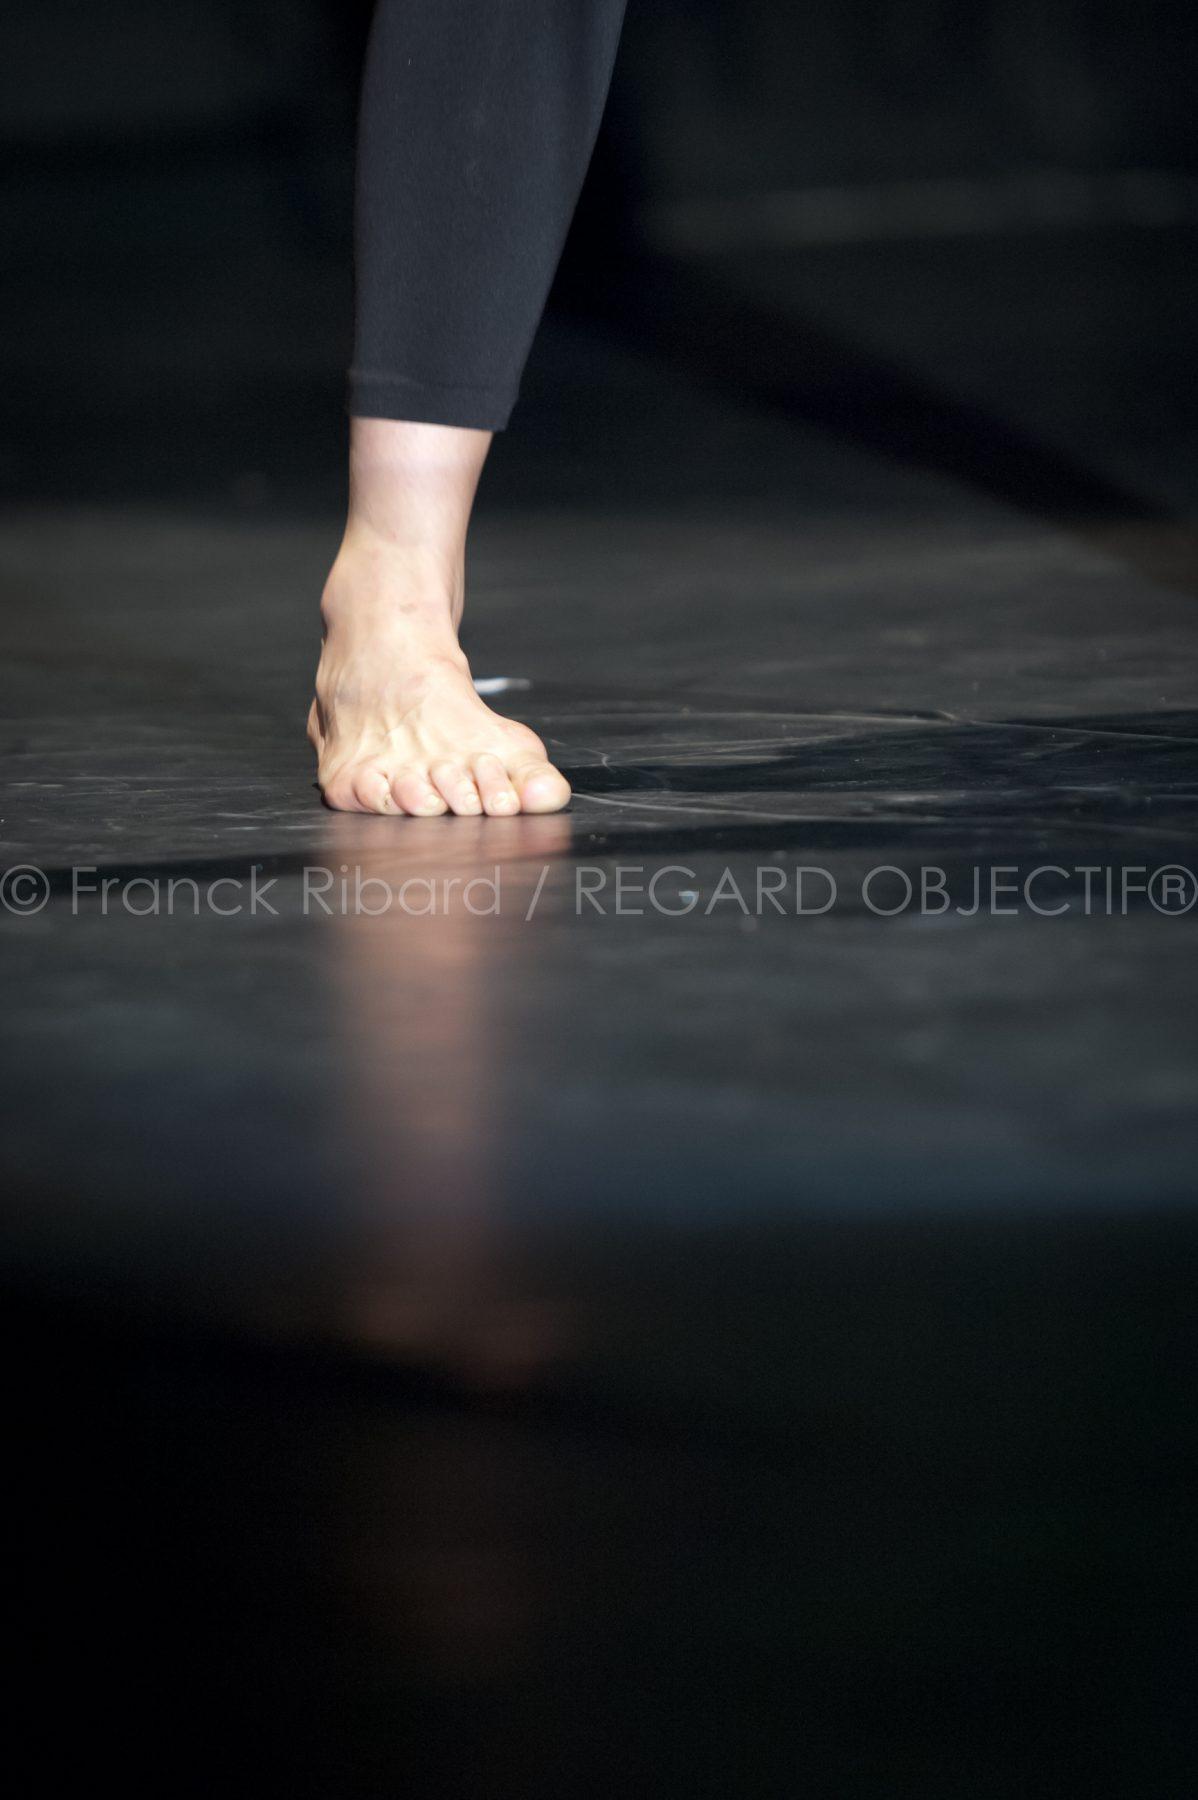 Photographie de Franck Ribard / REGARD OBJECTIF photographe professionnel en communication et illustration corporate à lyon et à l'international